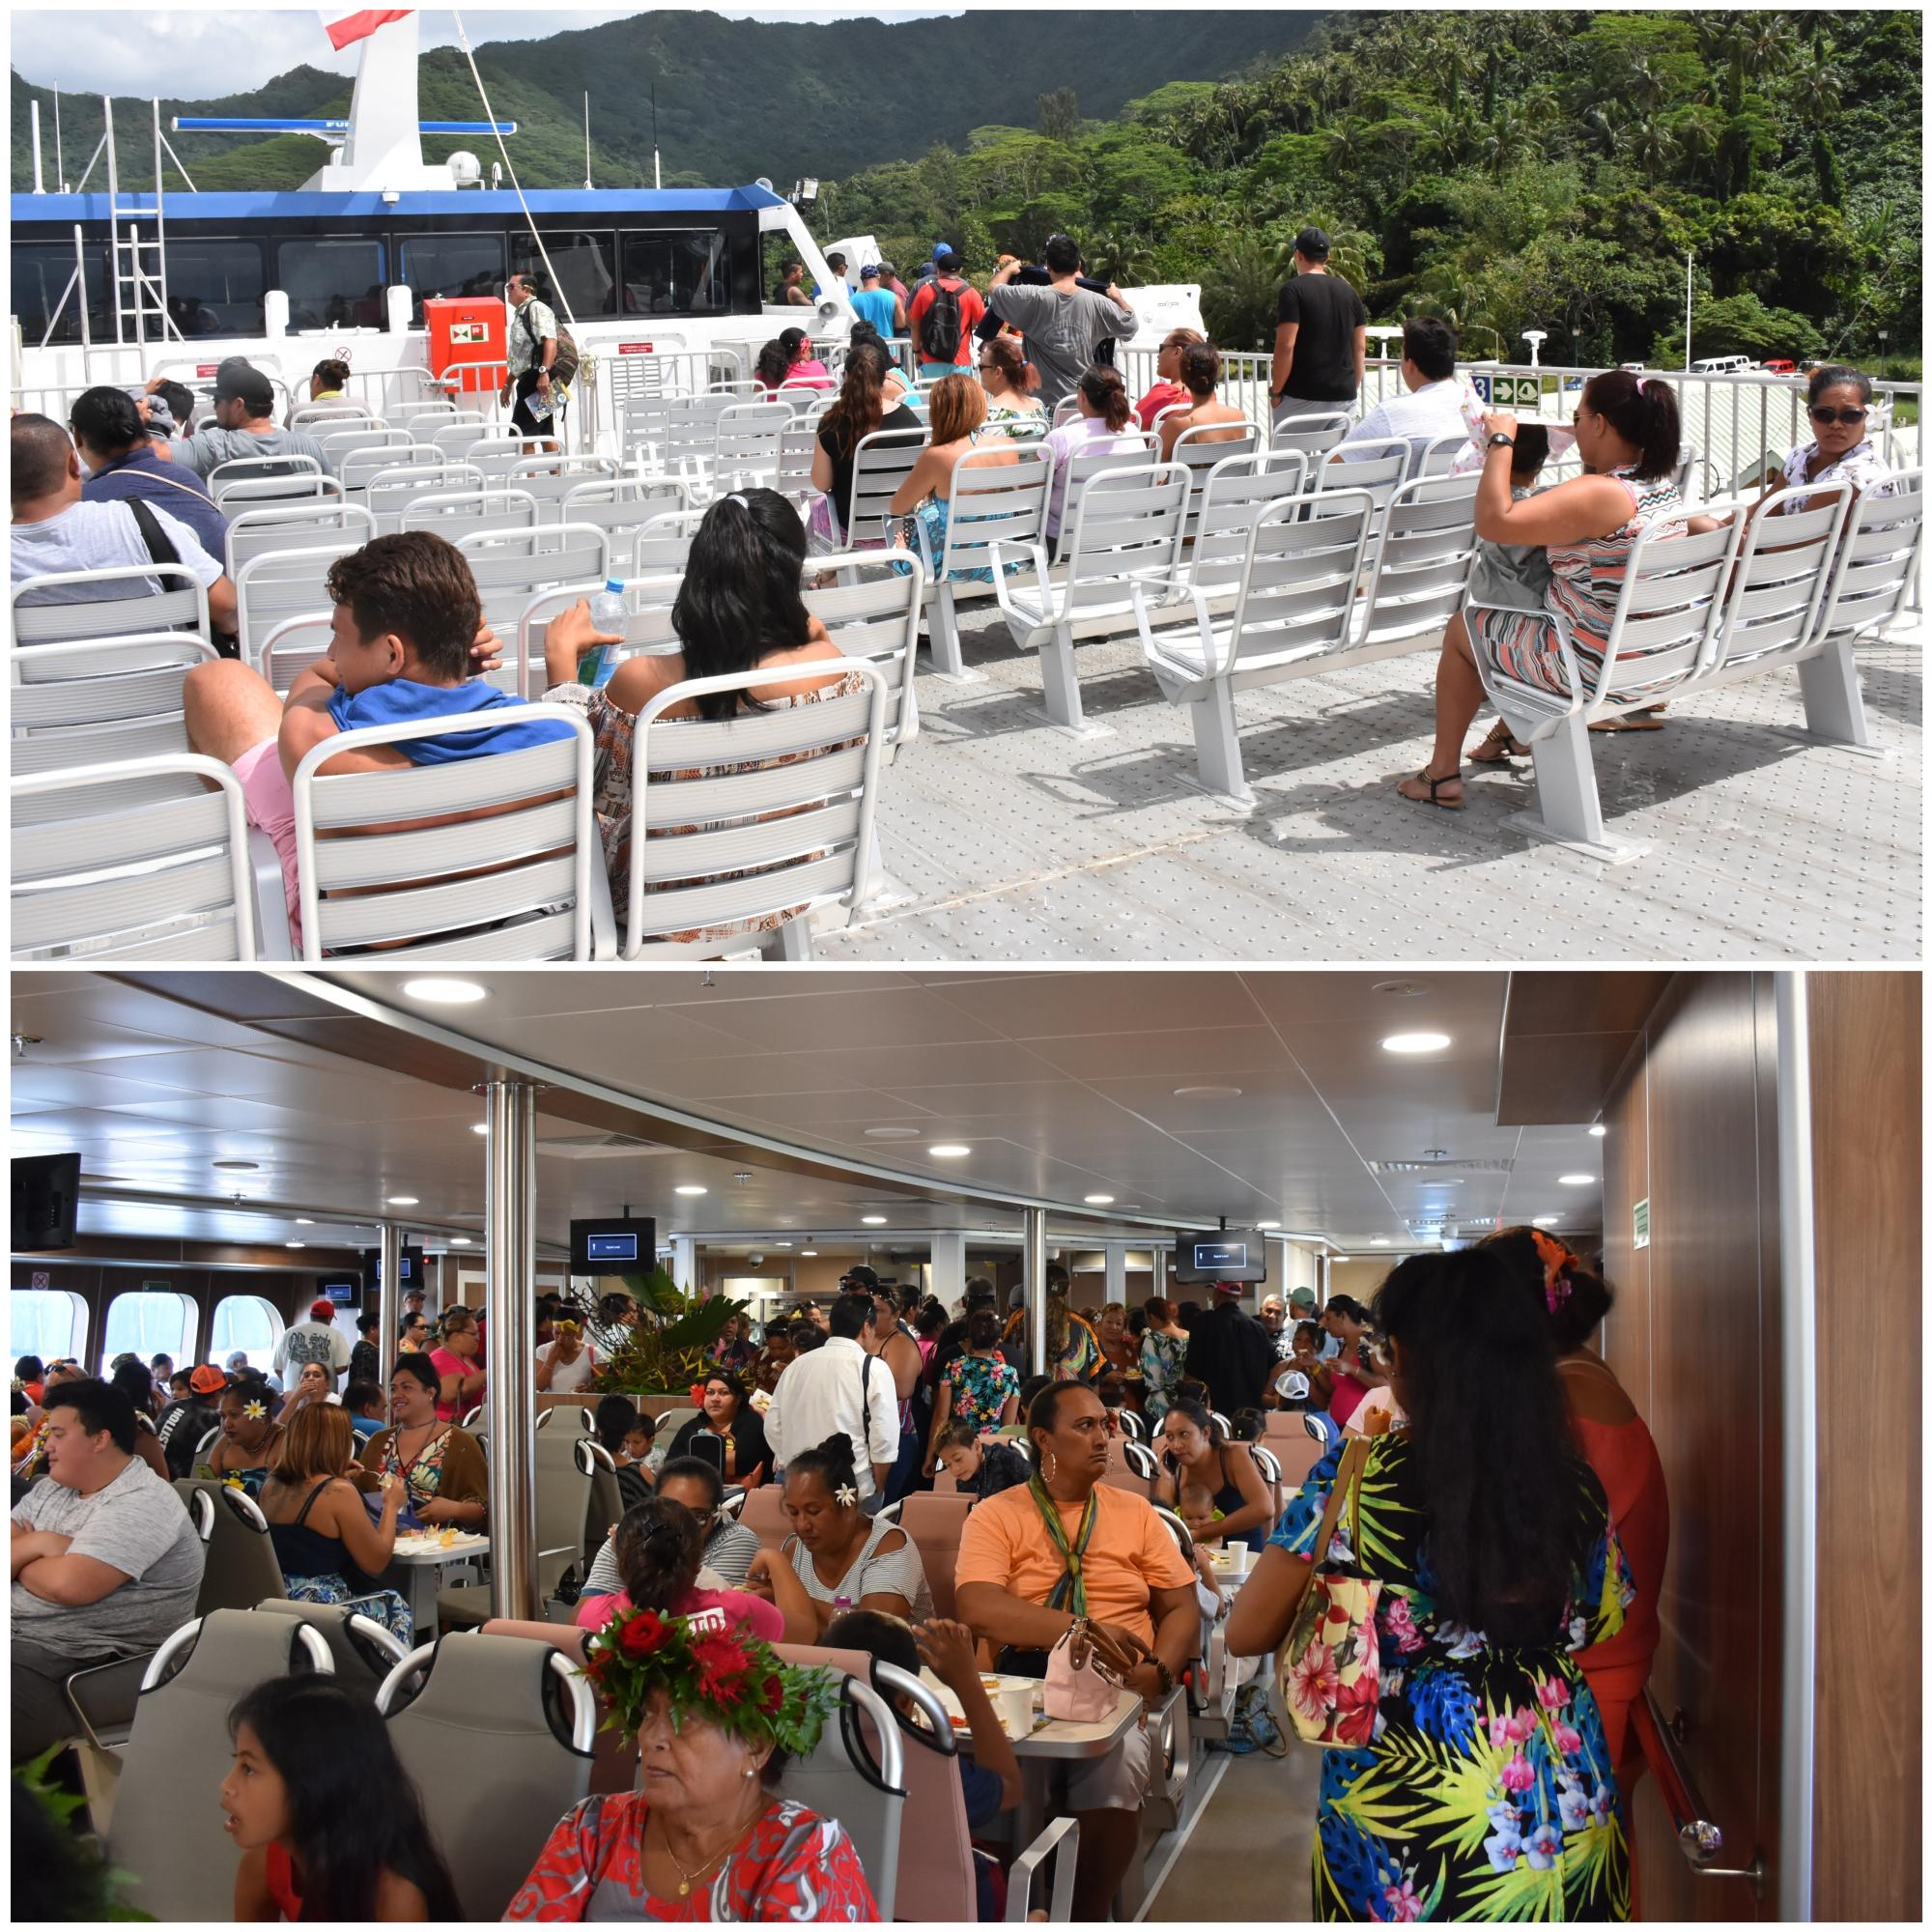 Le navire est capable d'accueillir 550 passagers et propose un meilleur confort à bord.